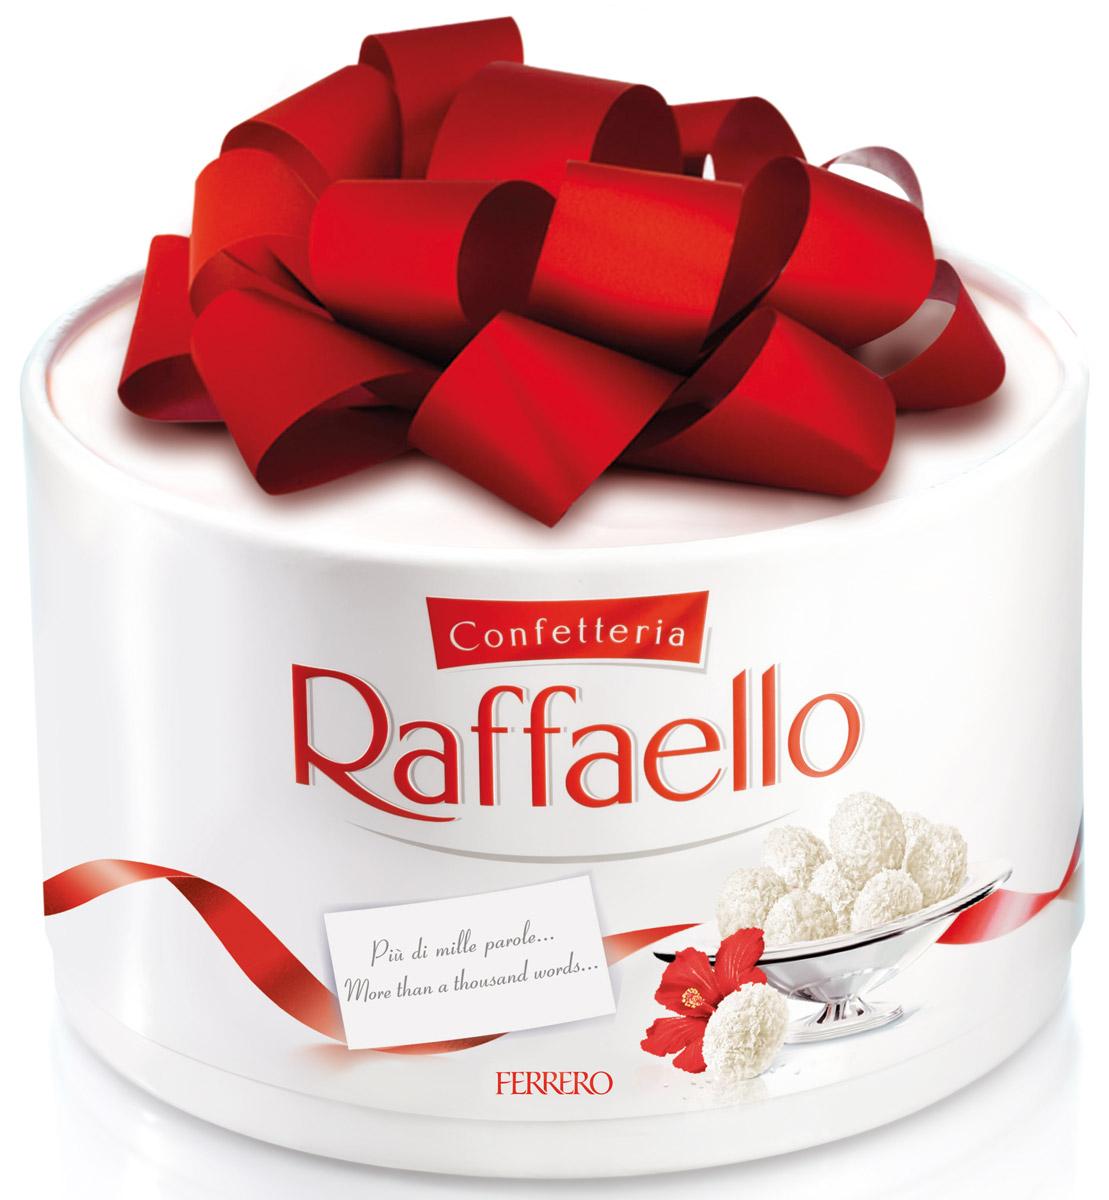 Raffaello конфеты с цельным миндальным орехом в кокосовой обсыпке, 200 г77115556/77098325/77070950Конфеты Рафаэлло с цельным миндальным орехом в кокосовой обсыпке.